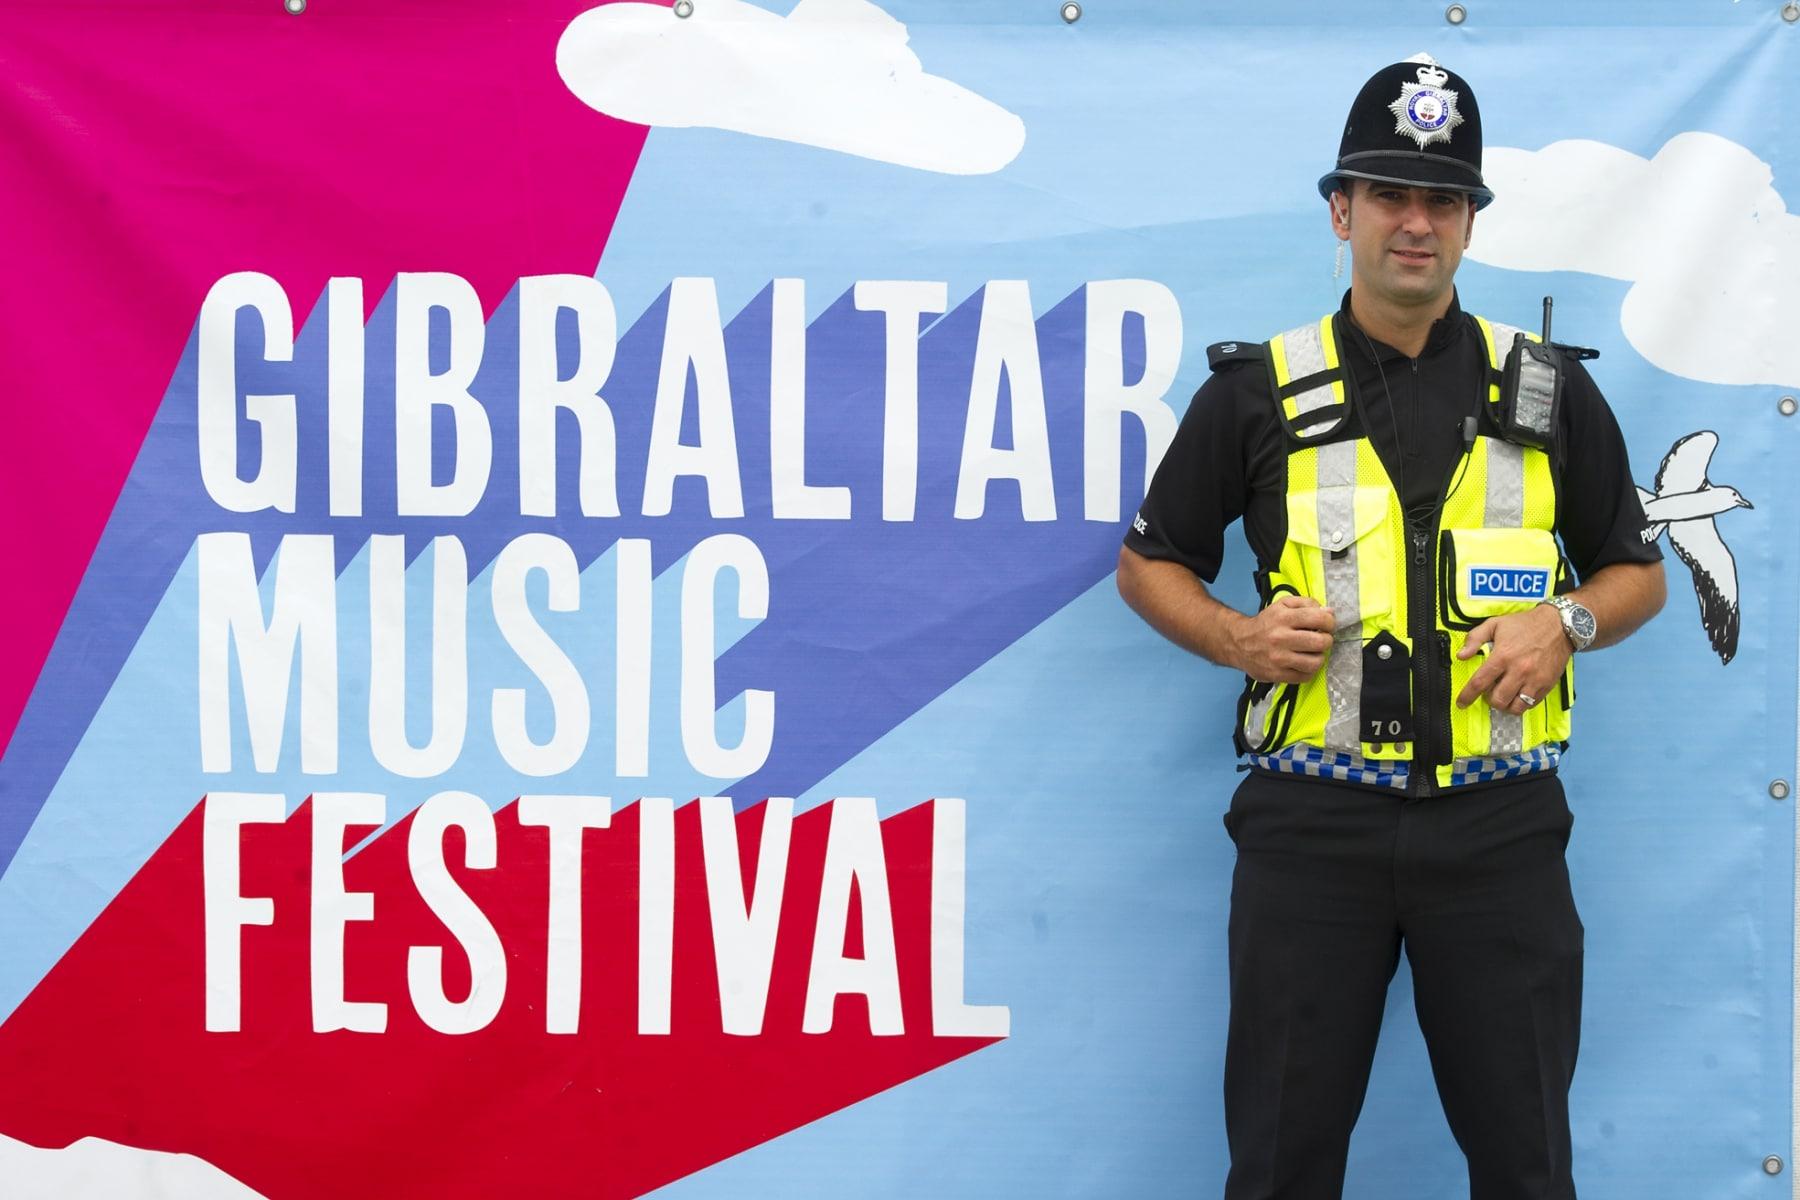 gibraltar-music-festival-2013-publico-y-ambiente_9703086528_o